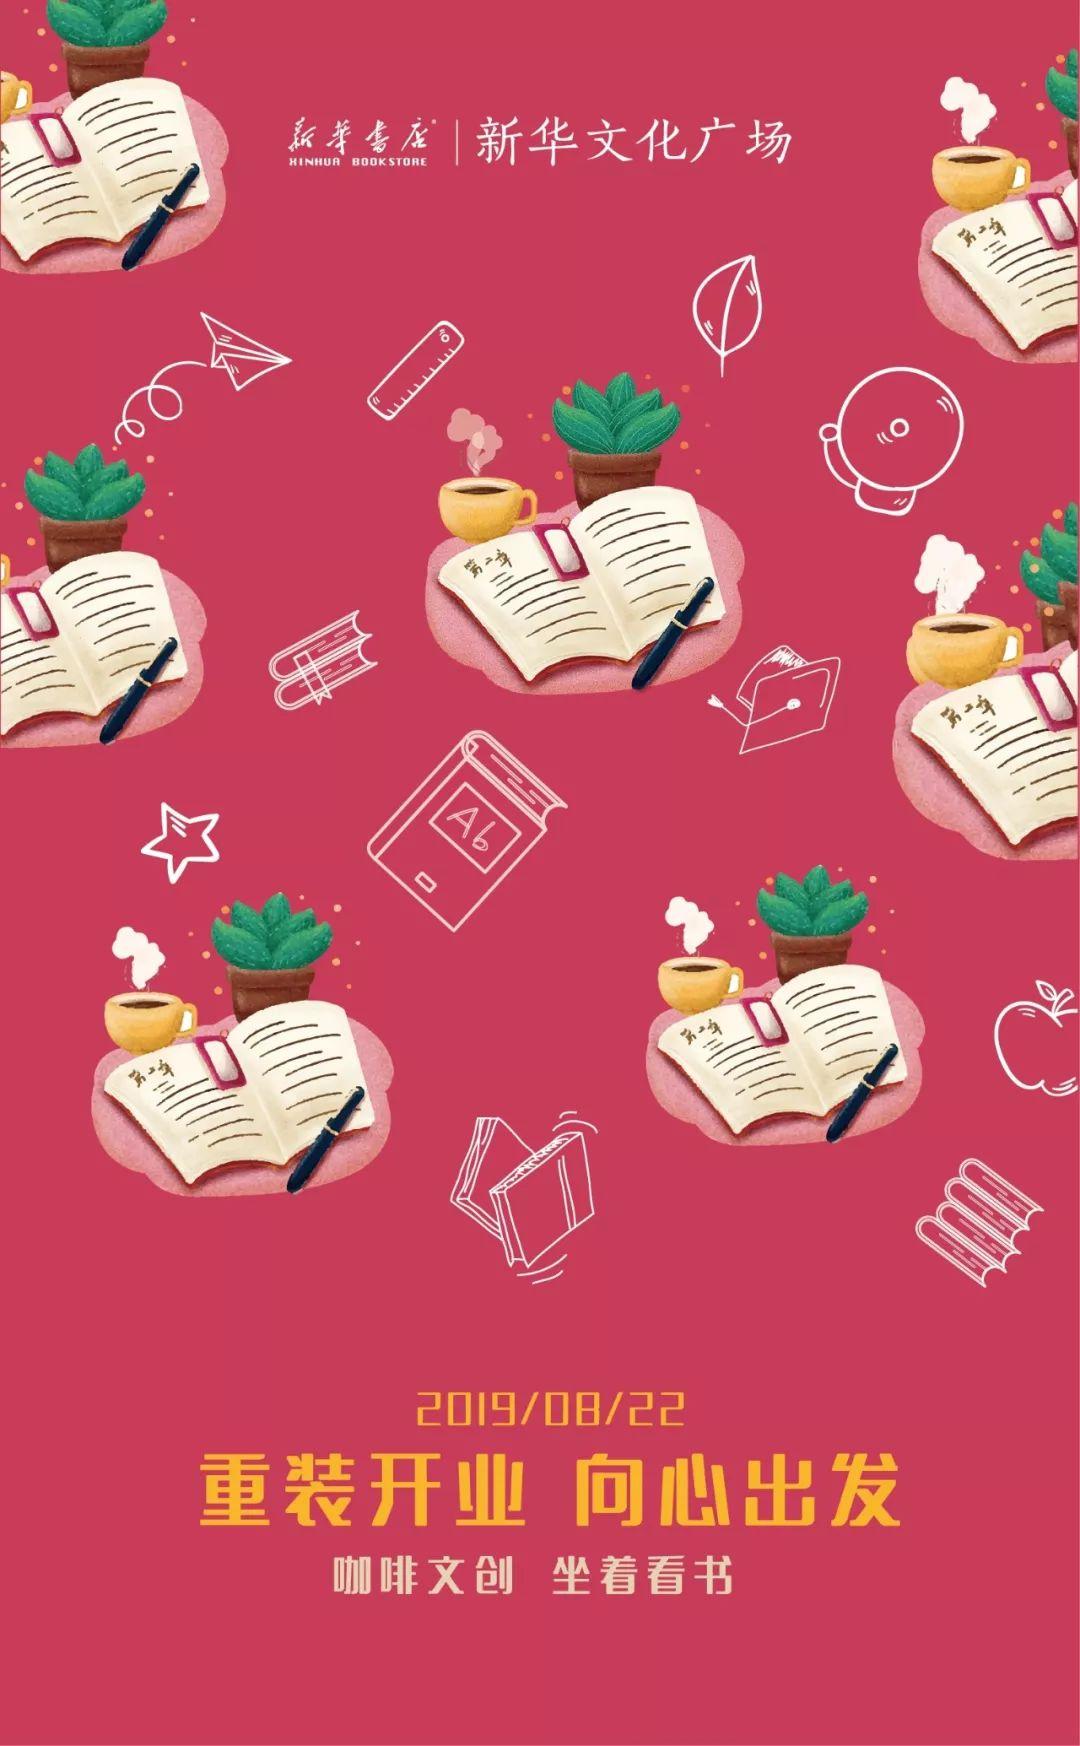 故事《亲爱的笨笨猪》全文内容、读书笔记_苹果教育网